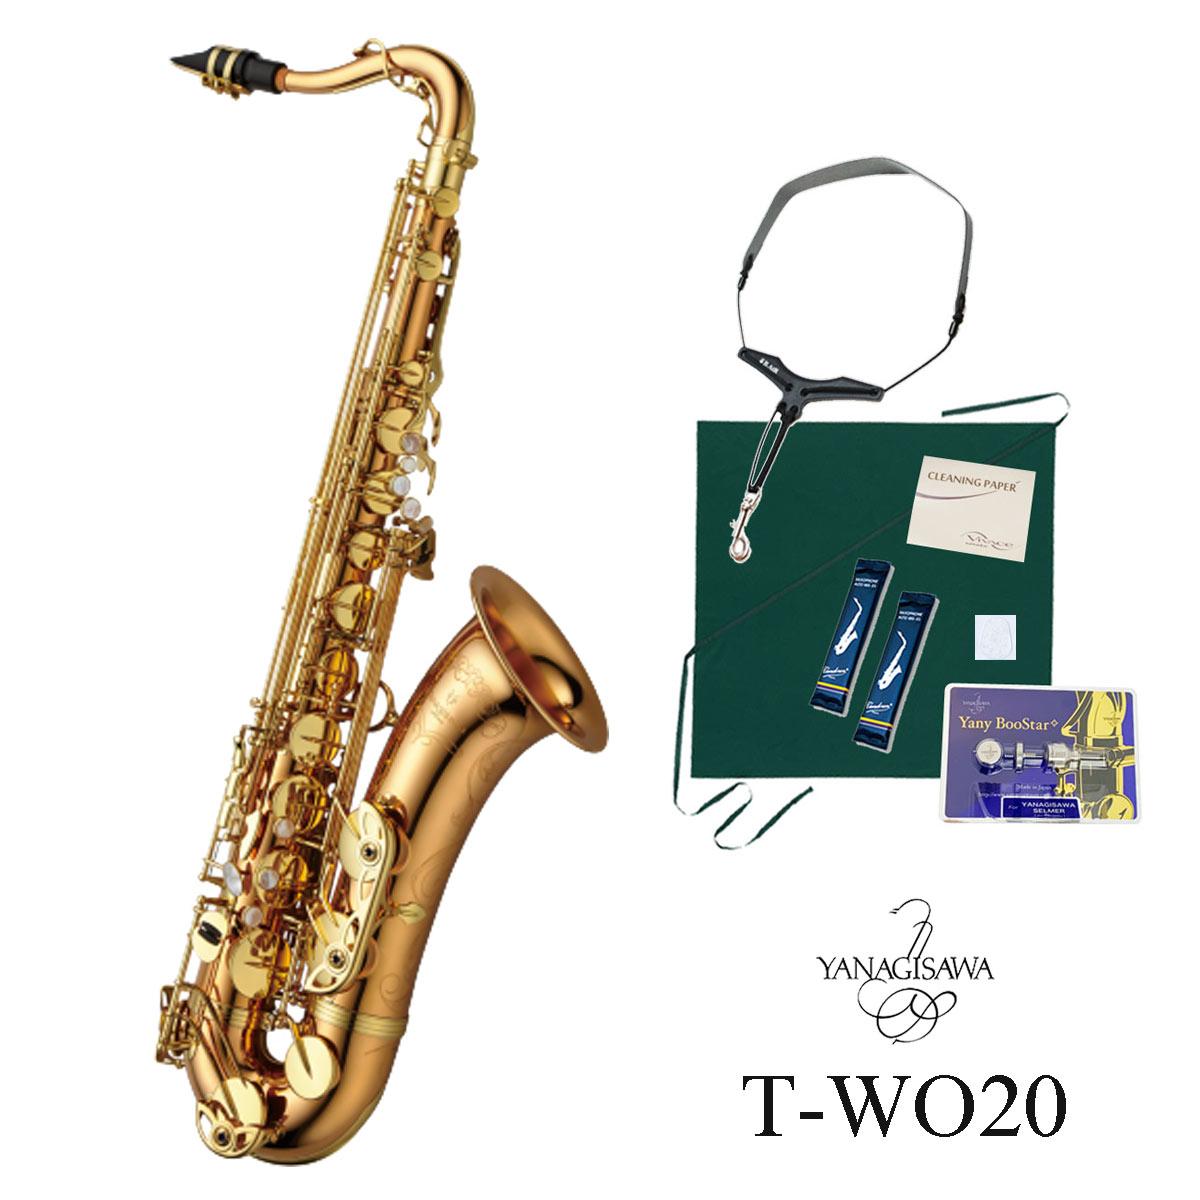 Yanagisawa / T-WO20 ヤナギサワ テナーサックス ダブルオーシリーズ ブロンズブラス ラッカー仕上 《オリジナルセット》【5年保証】